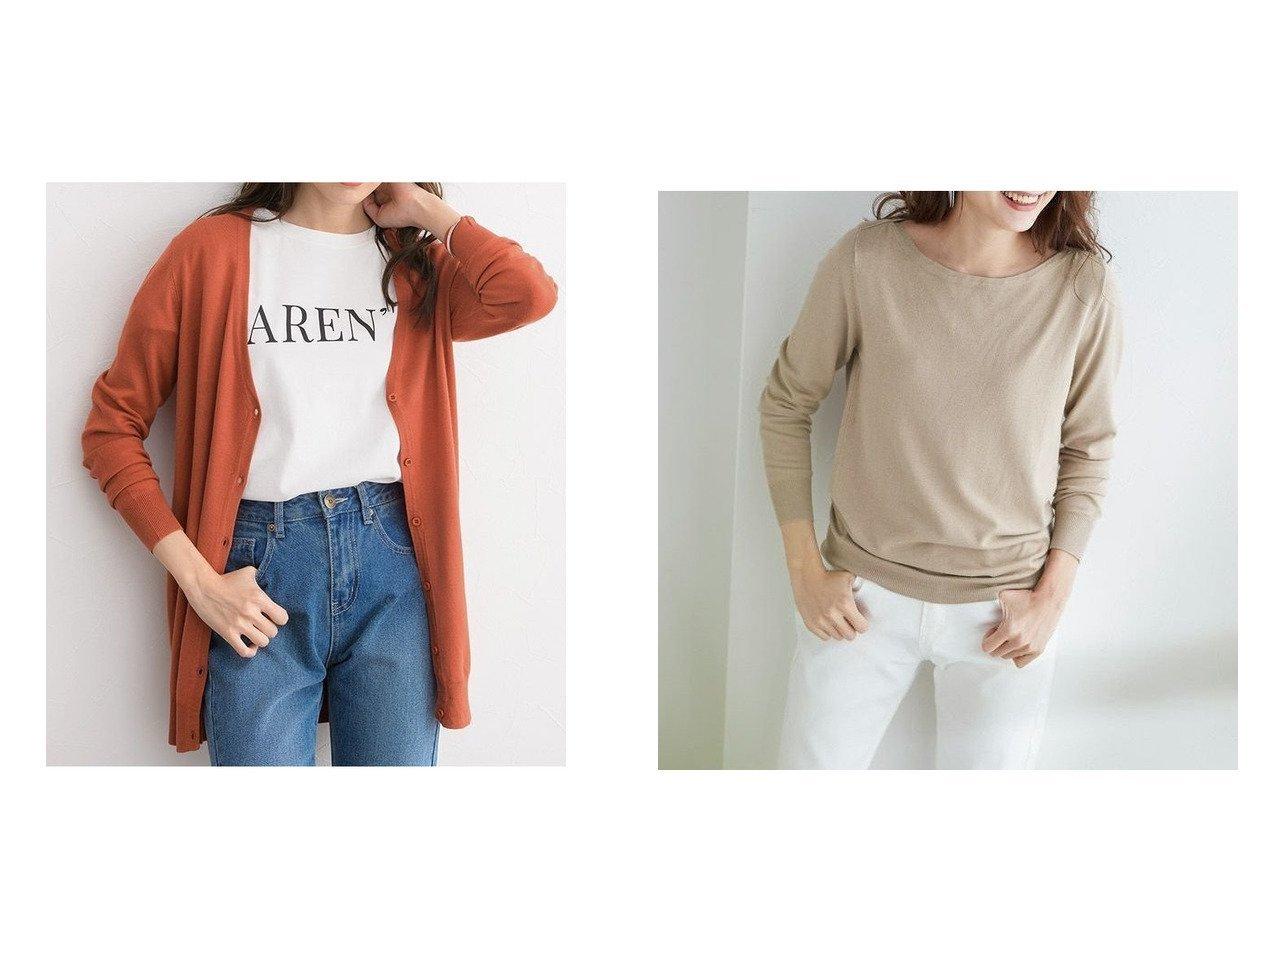 【Pierrot/ピエロ】の3typeウォッシャブル シルクタッチ ニットカーディガン&シルクタッチウォッシャブルニット おすすめ!人気!プチプライスで上品なファッションアイテムの通販  おすすめで人気の流行・トレンド、ファッションの通販商品 メンズファッション・キッズファッション・インテリア・家具・レディースファッション・服の通販 founy(ファニー) https://founy.com/ ファッション Fashion レディースファッション WOMEN トップス カットソー Tops Tshirt ニット Knit Tops カーディガン Cardigans ウォッシャブル カーディガン 吸水 シルク シンプル バランス ボトム ボーダー 無地 レギュラー ロング プチプライス・低価格 Affordable |ID:crp329100000021283